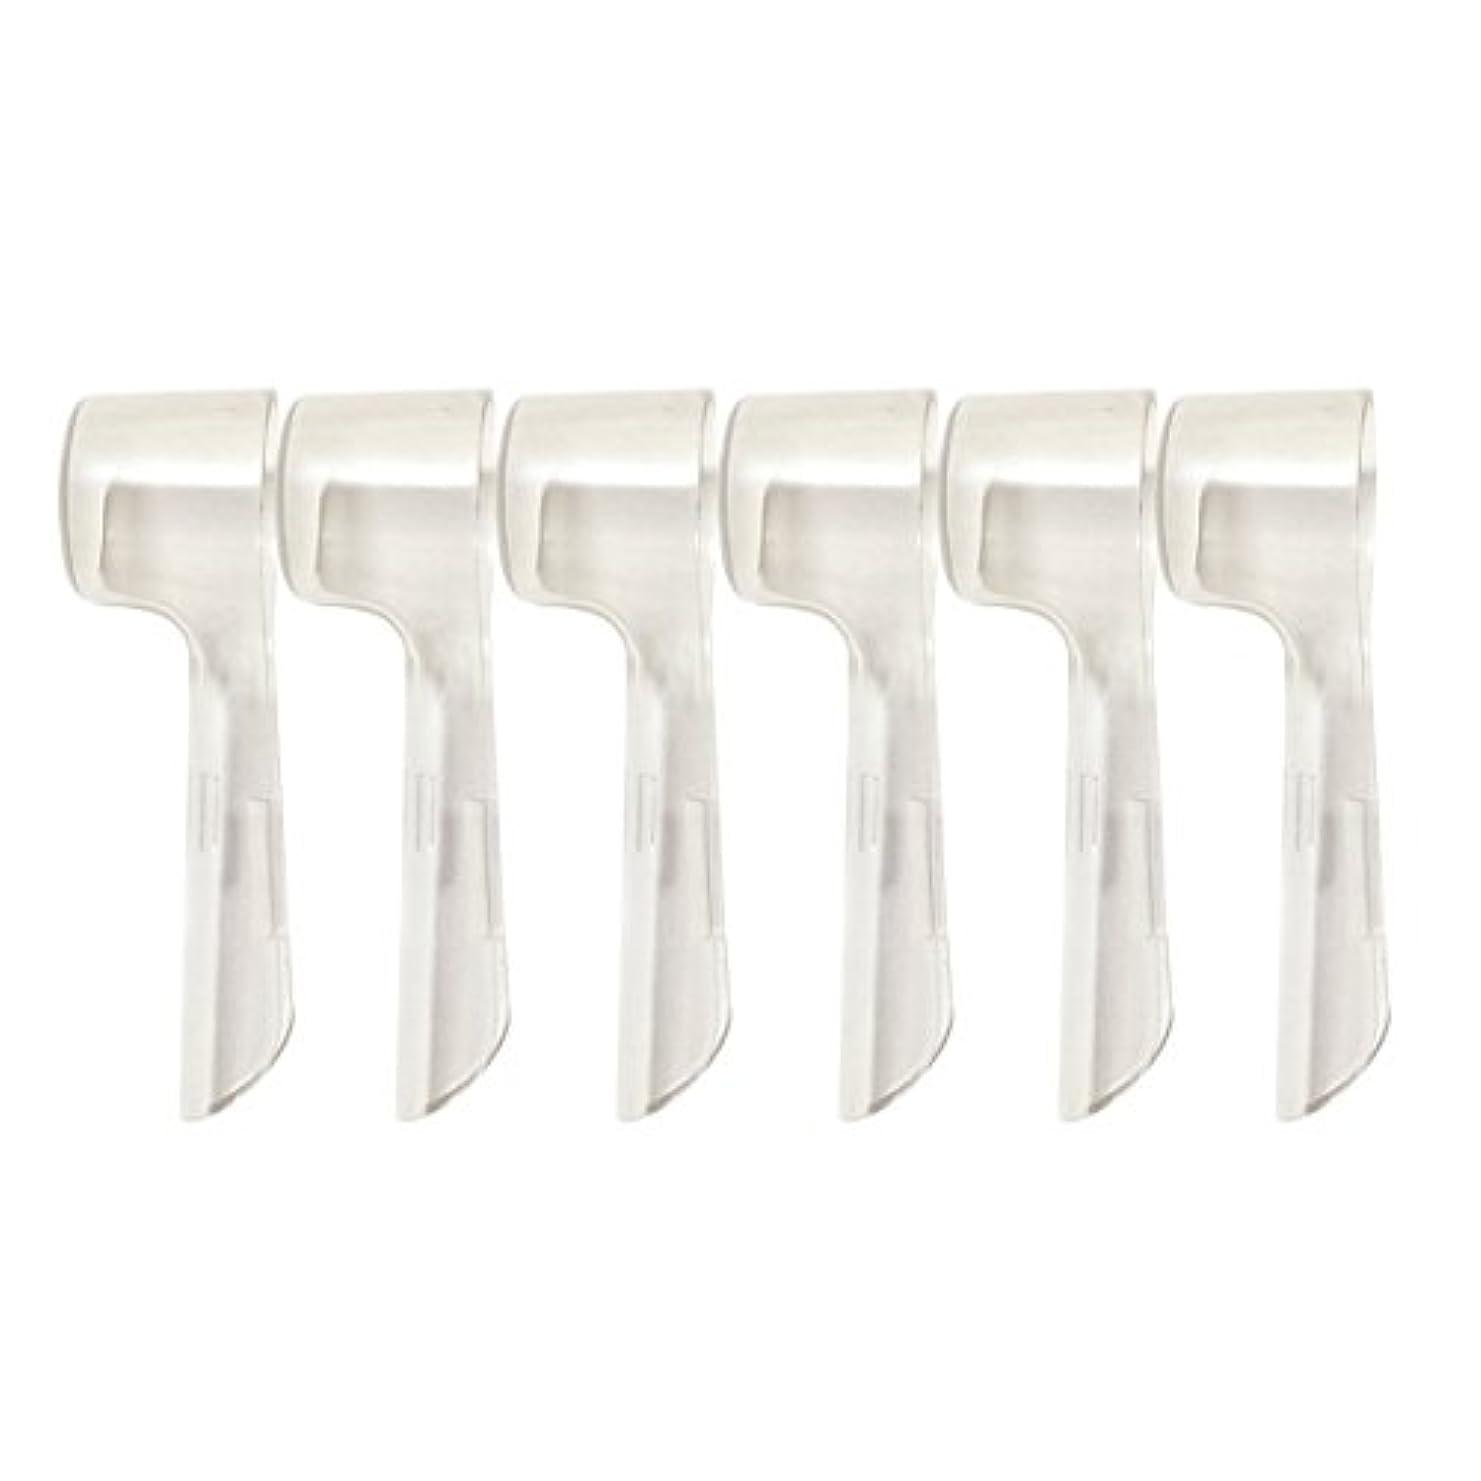 小間知人性差別SUPVOX 旅行のために便利な電動歯ブラシのための12本の歯ブラシのヘッドカバー